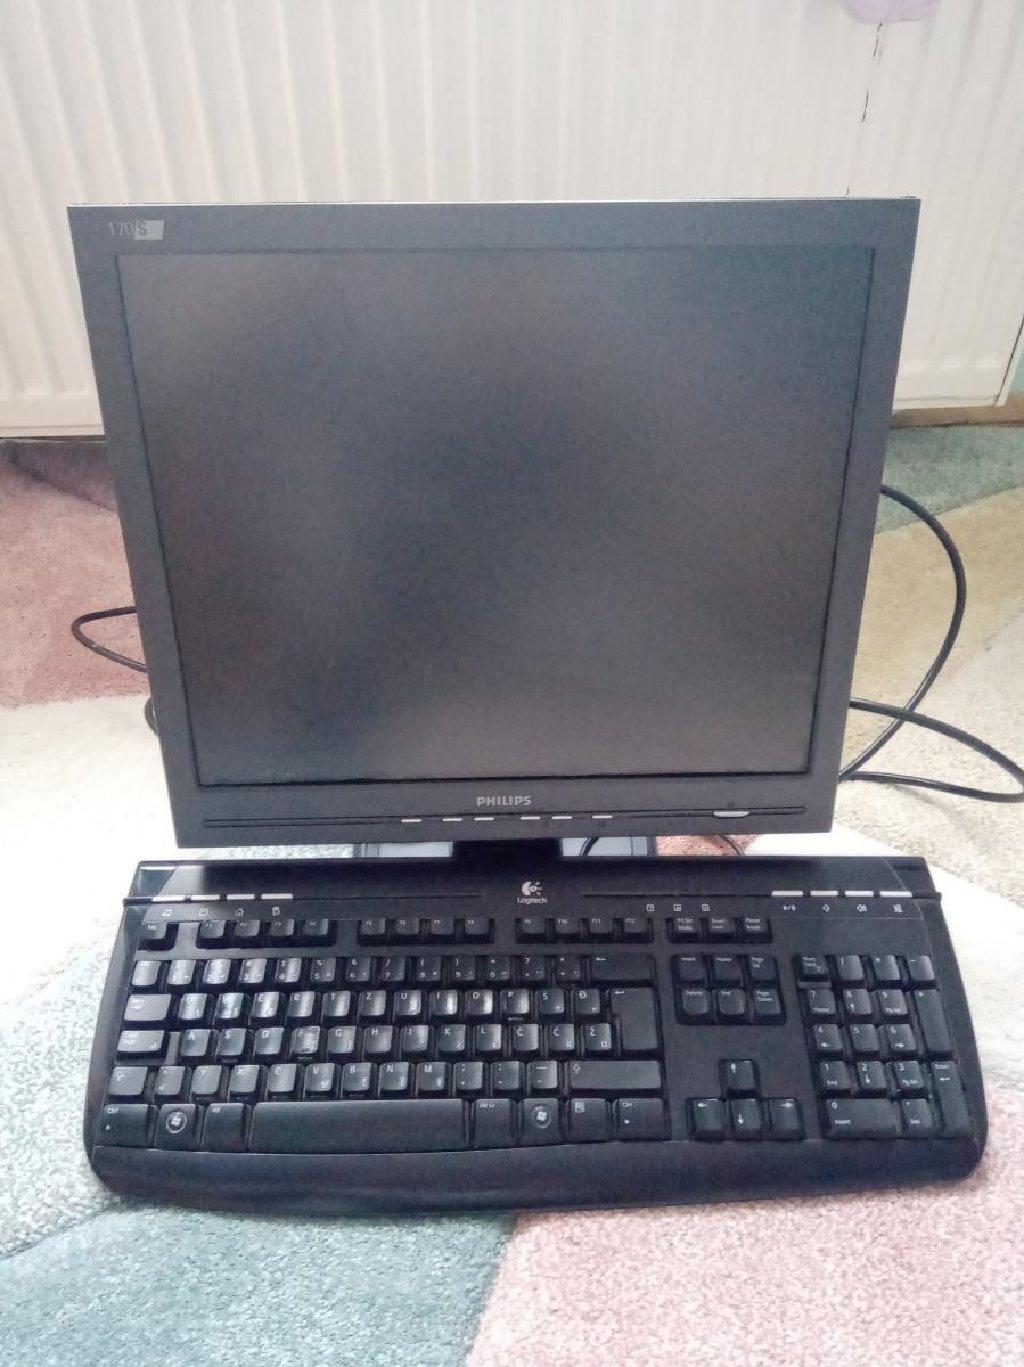 Monitor - Philips 170s + tastatura Logitech + POKLON